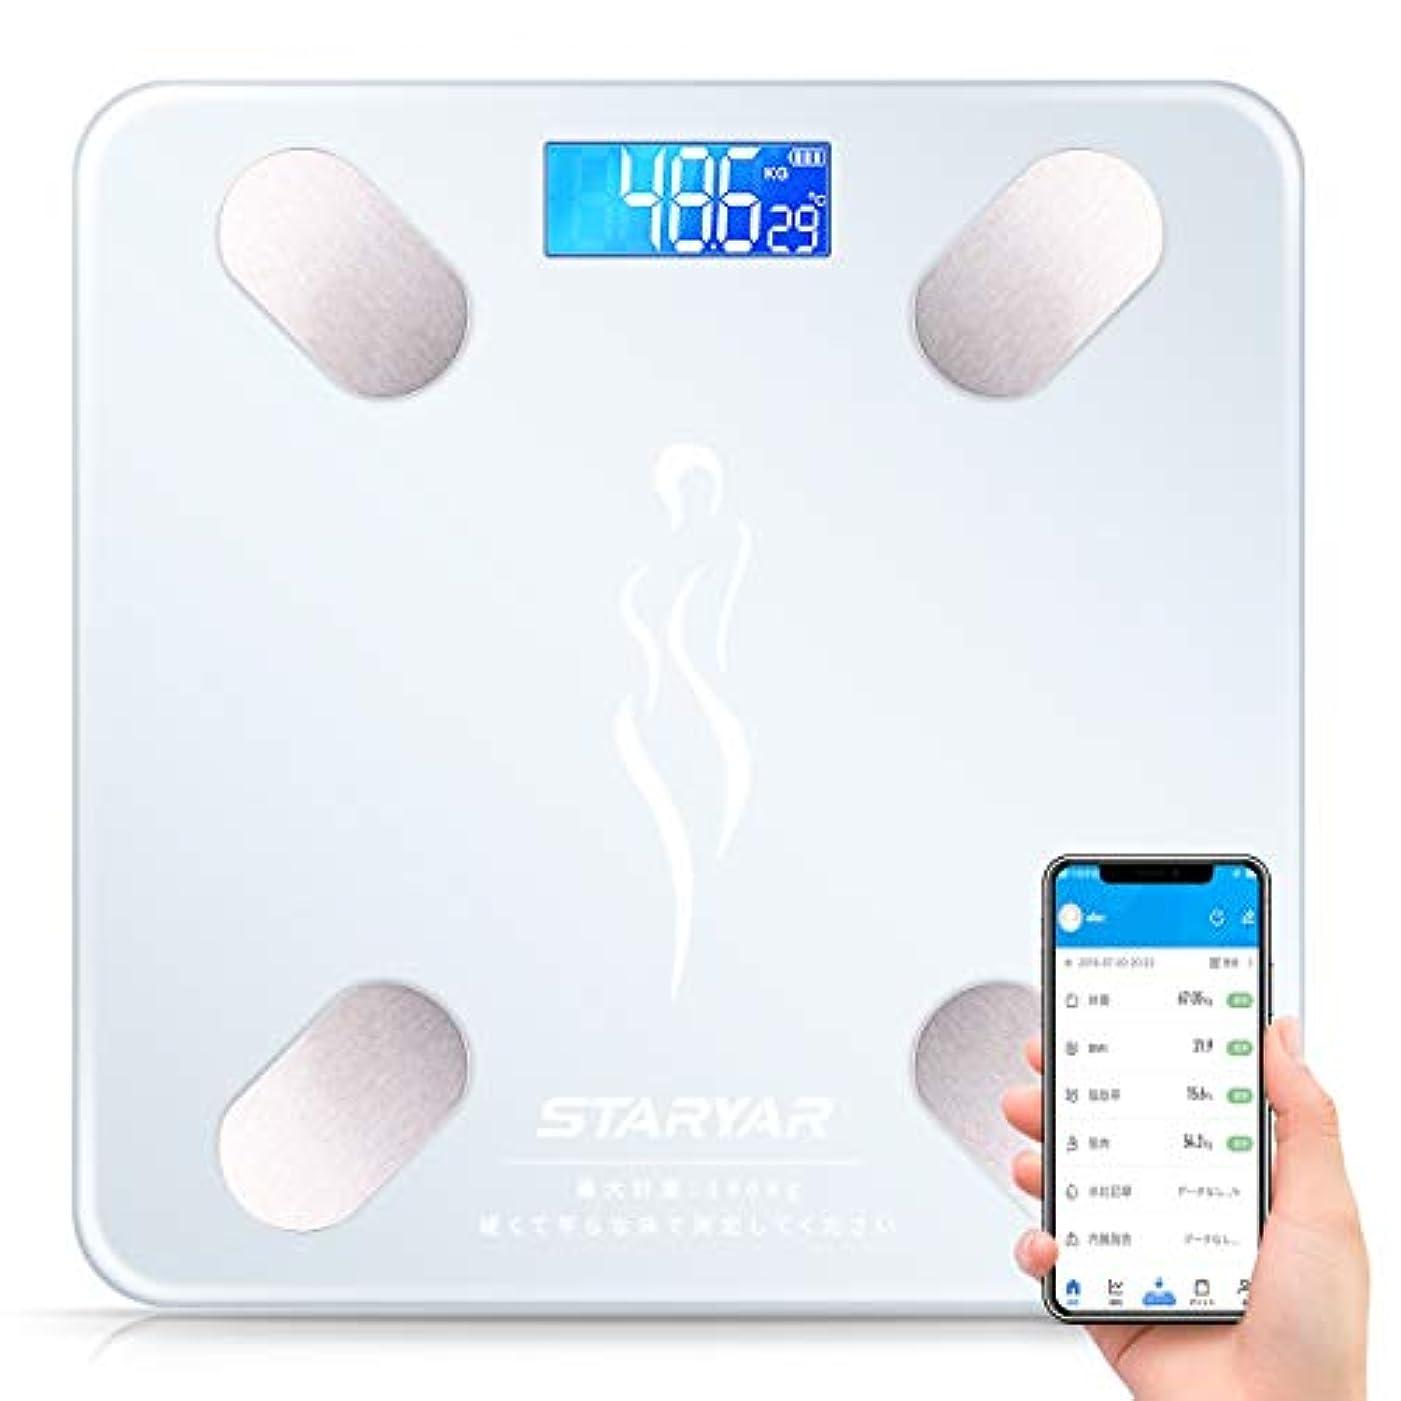 によるとダニフィヨルド体重計 体脂肪計 体組成計スマホ連動 体重/体脂肪率/体水分率/推定骨量/基礎代謝量/内臓脂肪レベル/BMIなど簡単測定可能 Bluetooth対応 iOS/Androidアプリで健康管理まで 日本語取扱説明書 (ホワイト)